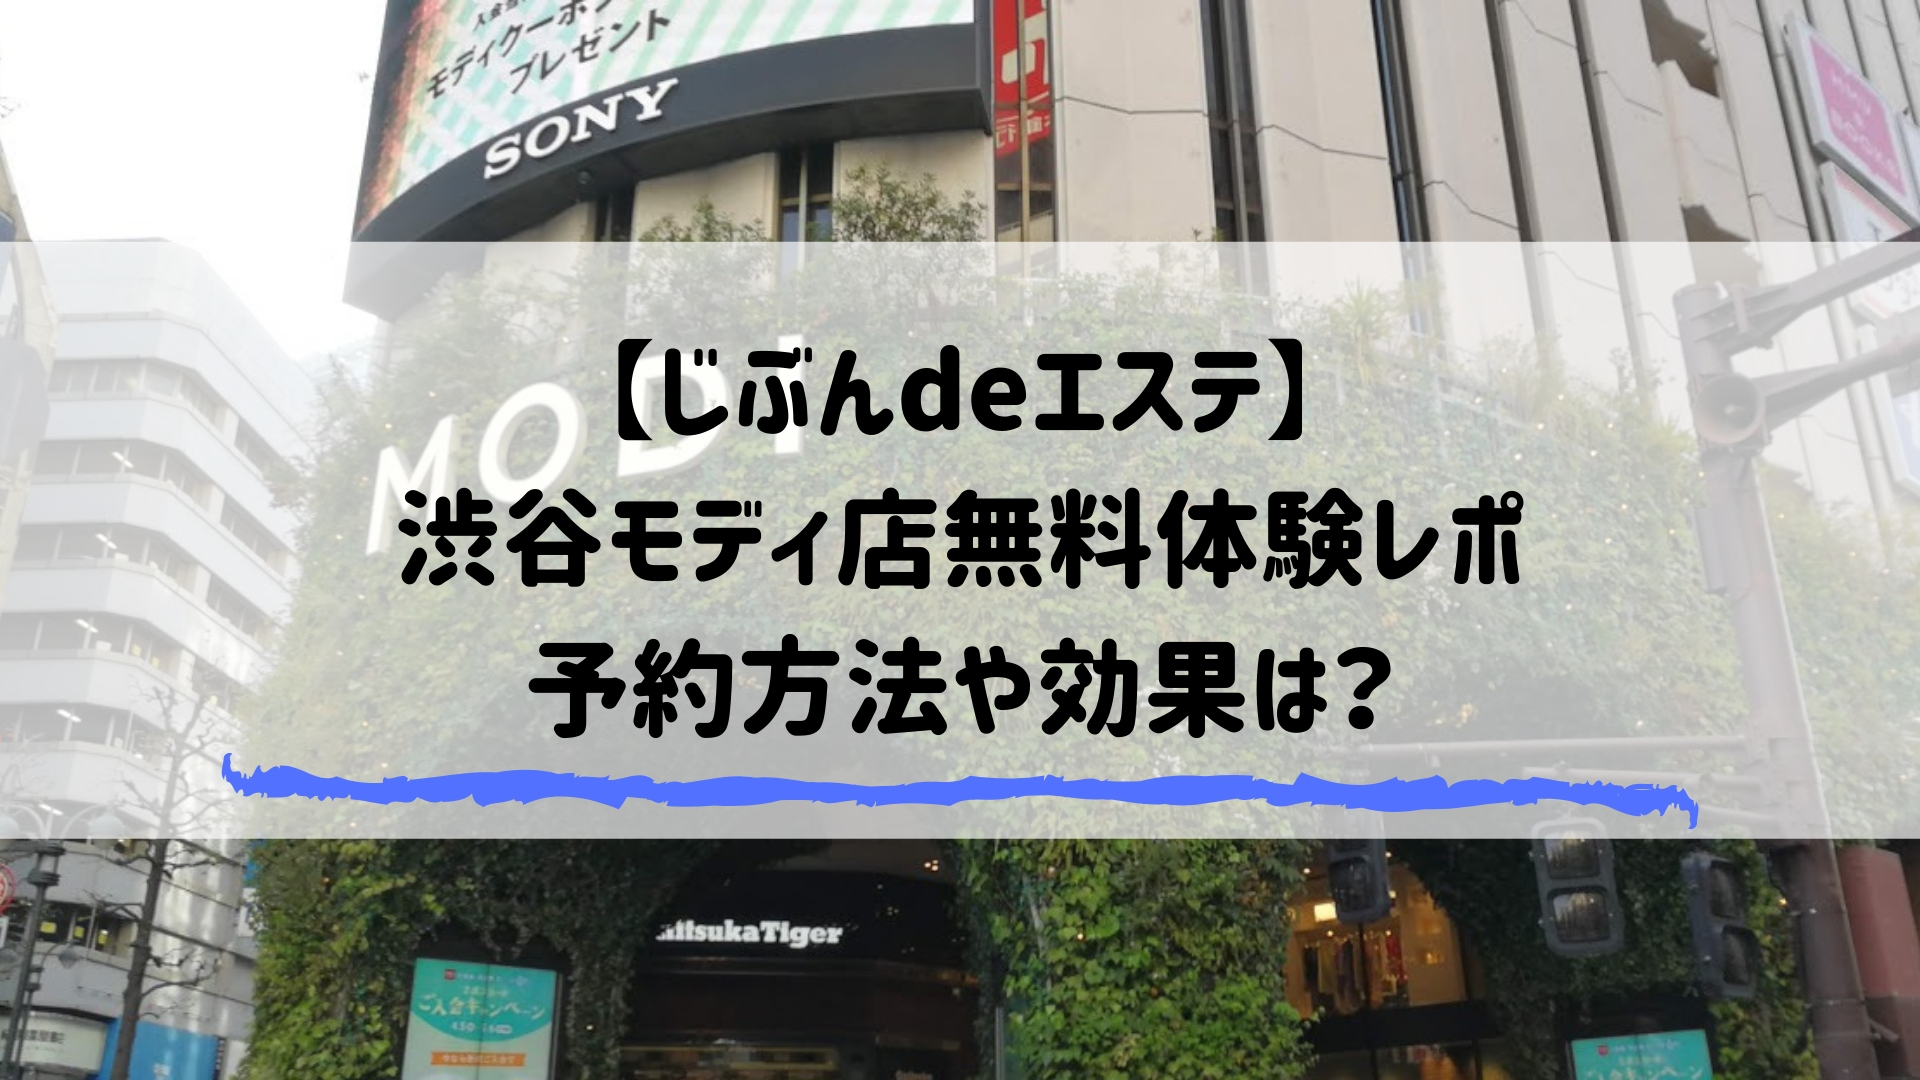 【じぶんdeエステ】 渋谷モディ店無料体験レポ 予約方法や効果は?